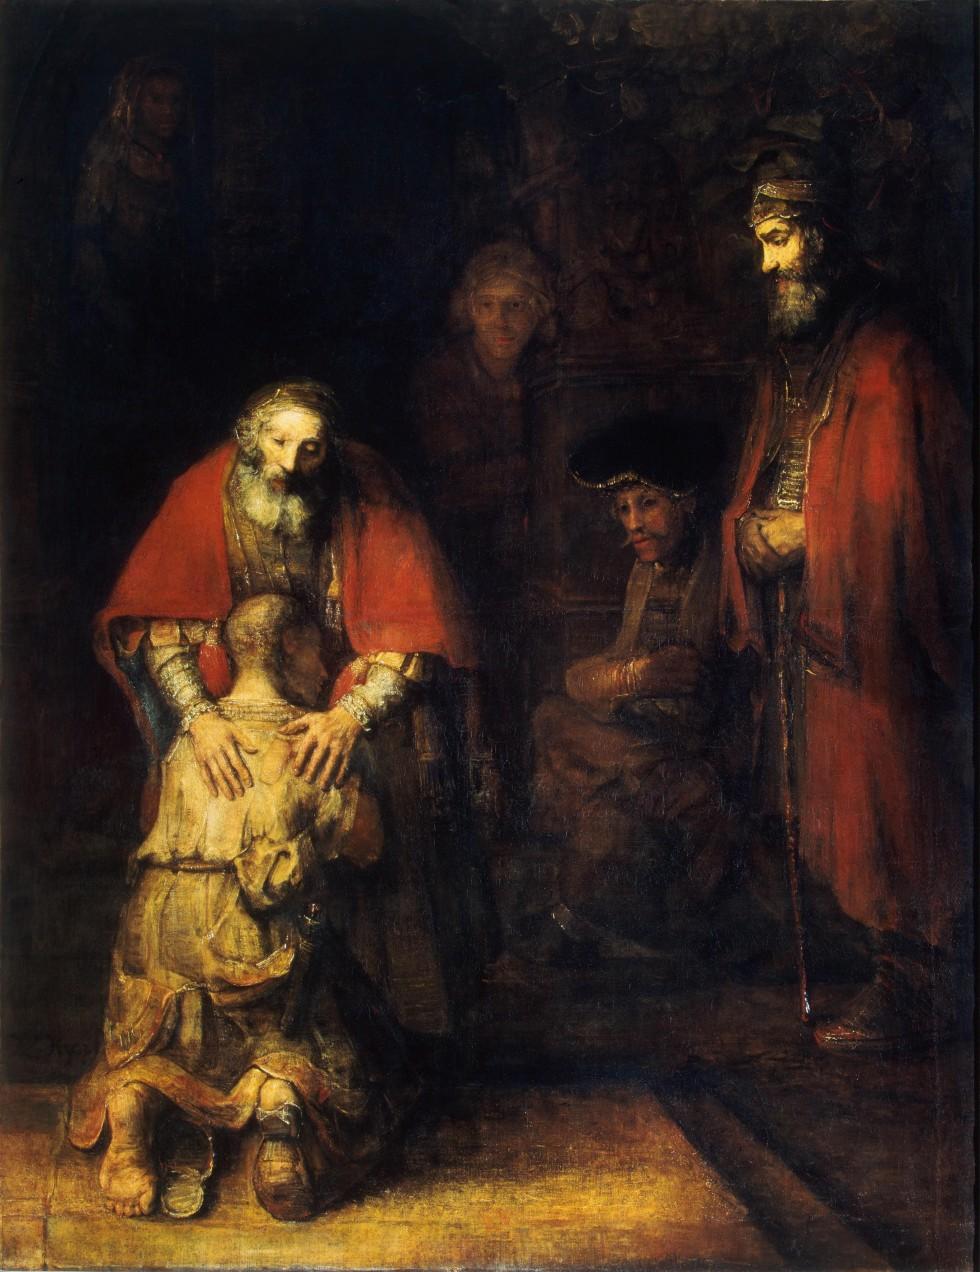 Рембрандт Харменс ван Рейн. Возвращение блудного сына. Ок. 1666–1669. Фото: hermitagemuseum.org